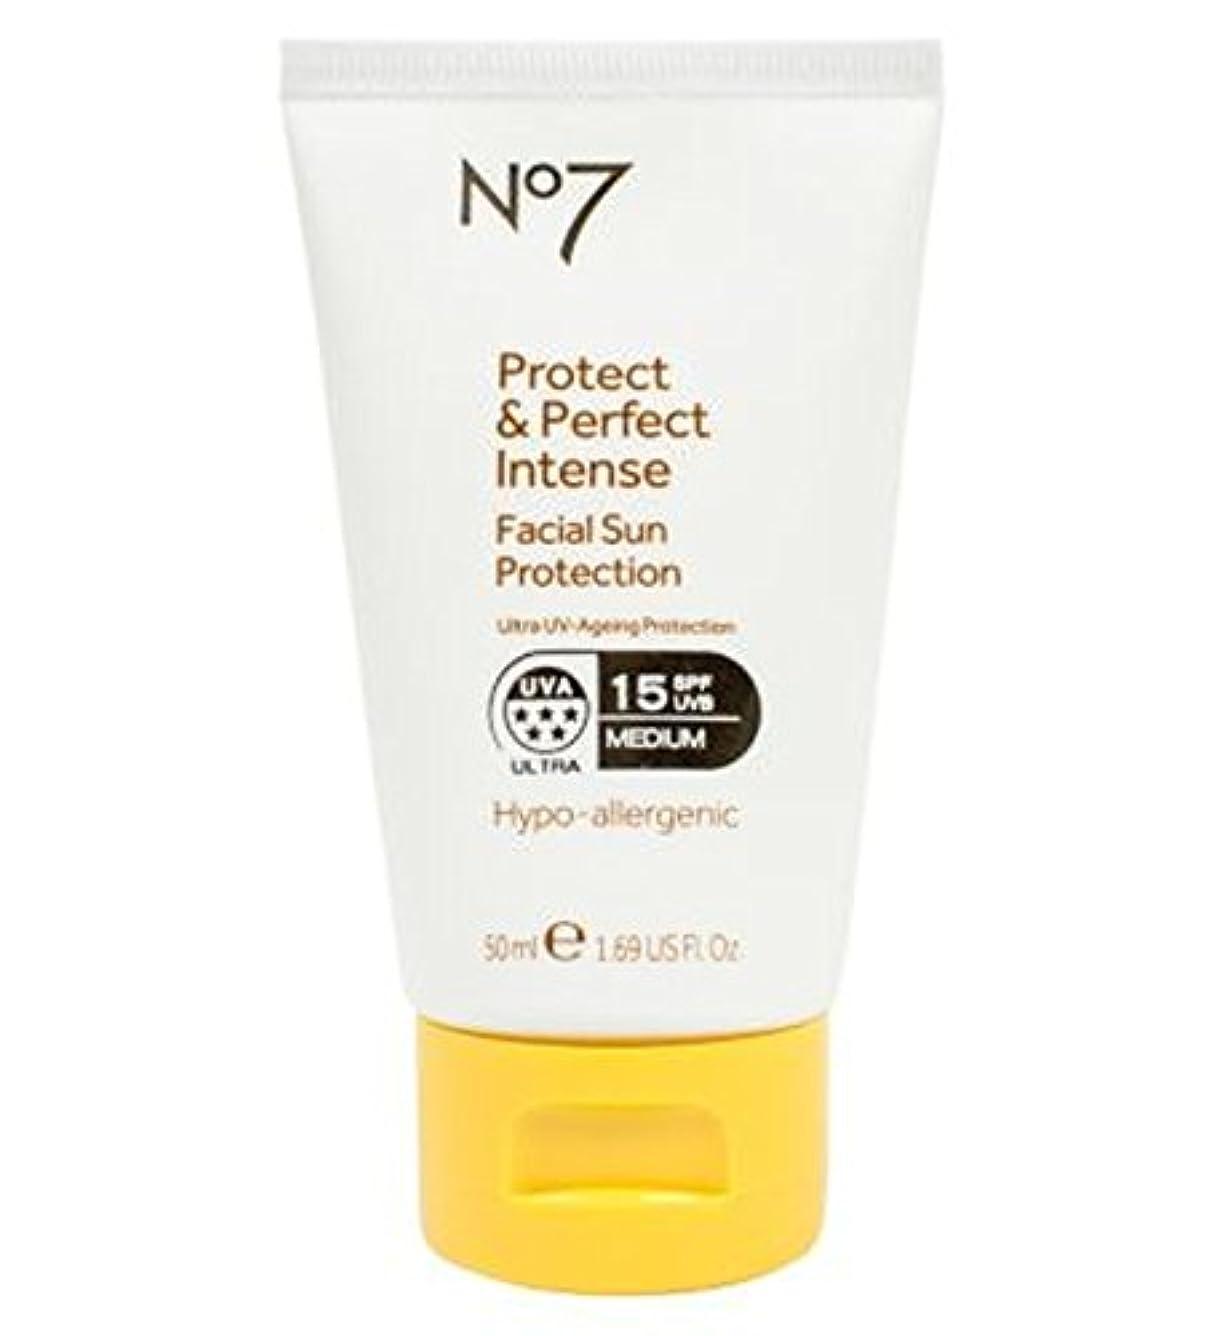 サイバースペース普及ジムNo7 Protect & Perfect Intense Facial Sun Protection SPF 15 50ml - No7保護&完璧な強烈な顔の日焼け防止Spf 15 50ミリリットル (No7) [並行輸入品]